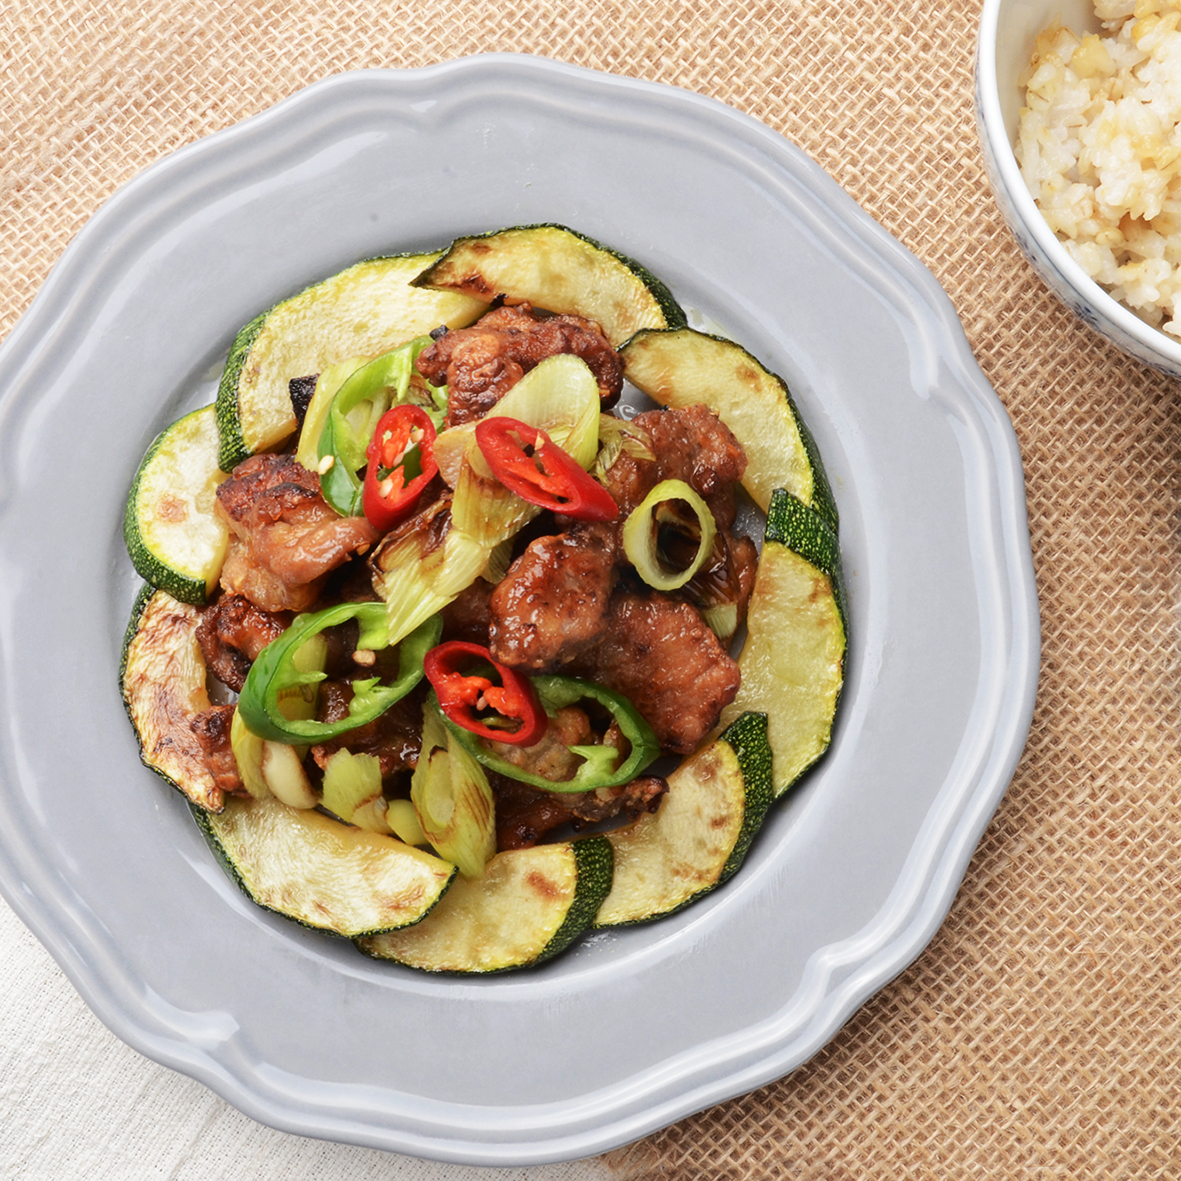 돼지 호박 볶음을 곁들인 돼지 목살 스테이크